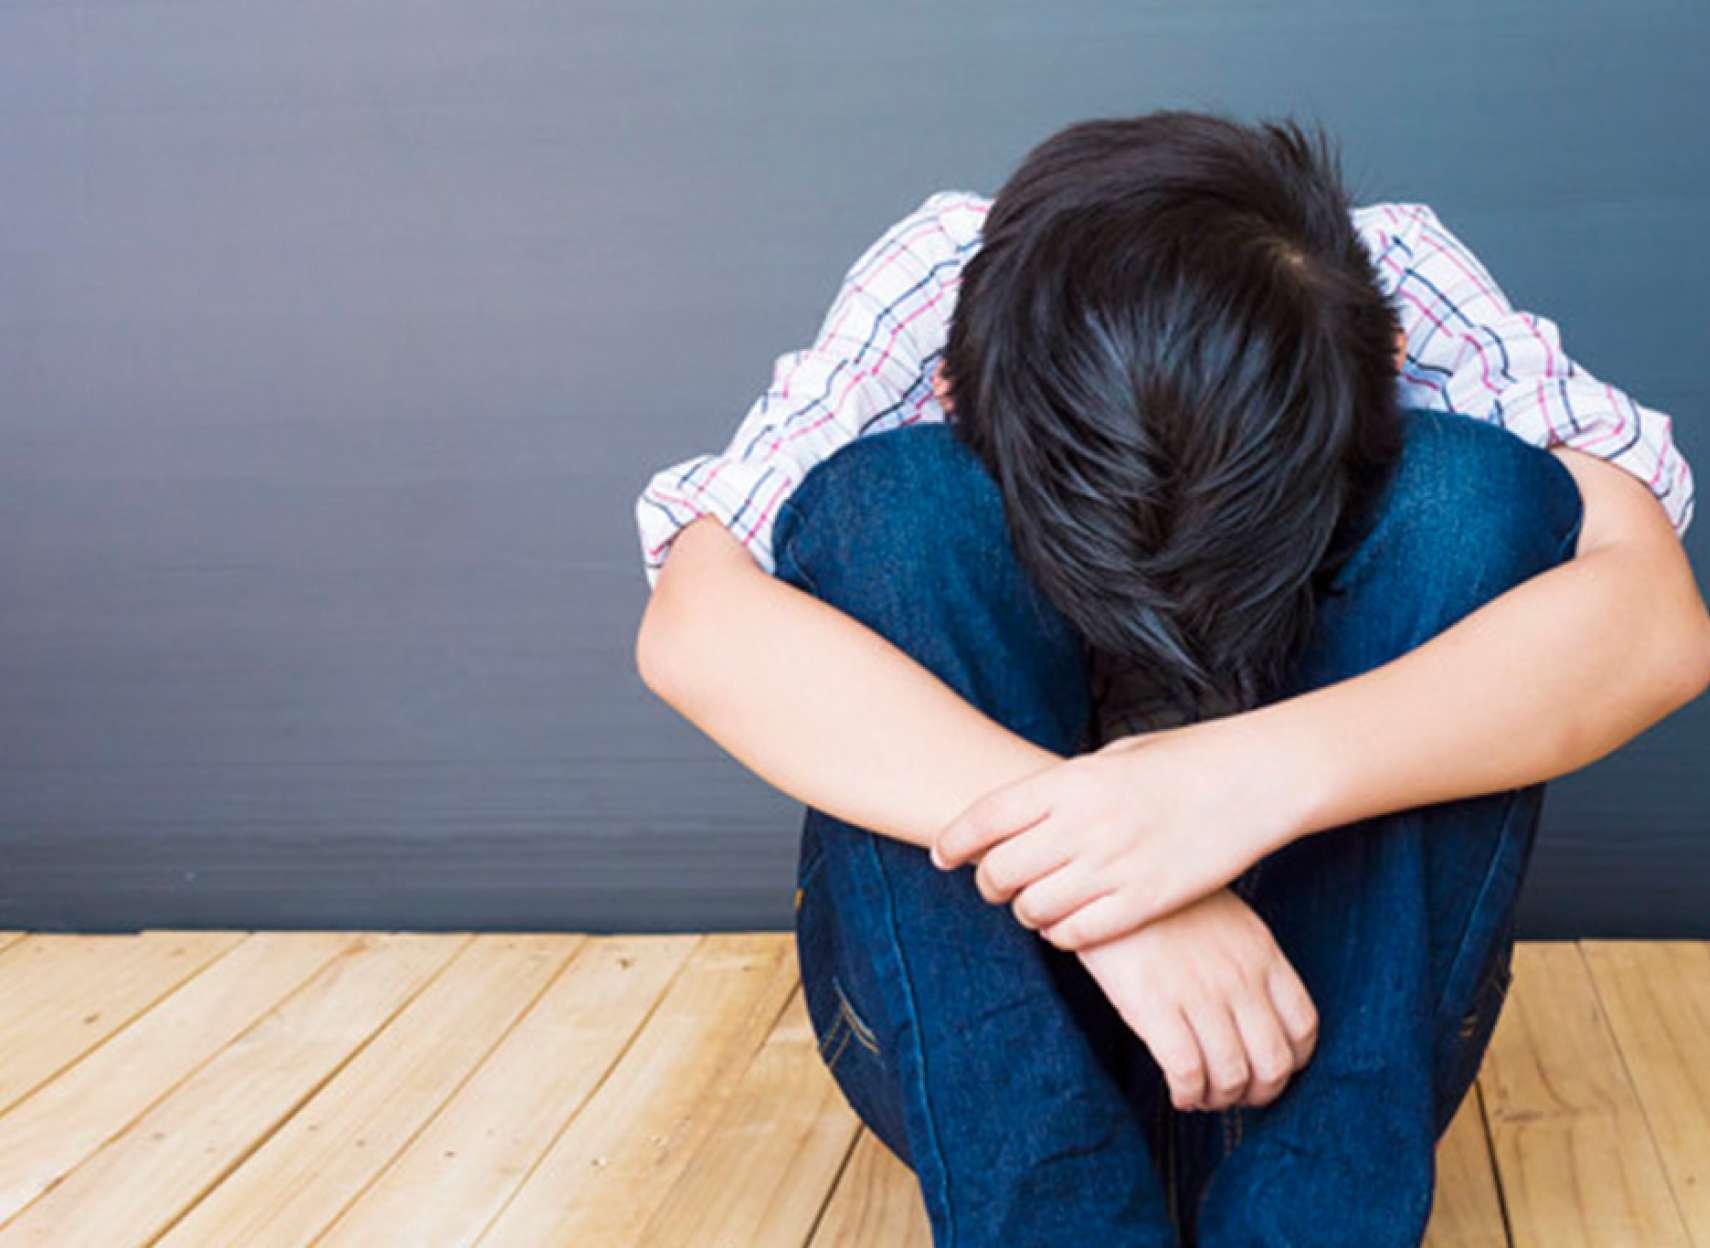 روانشناسی-ادیب-راد-نشانه-های-سوگواری-در-کودکان